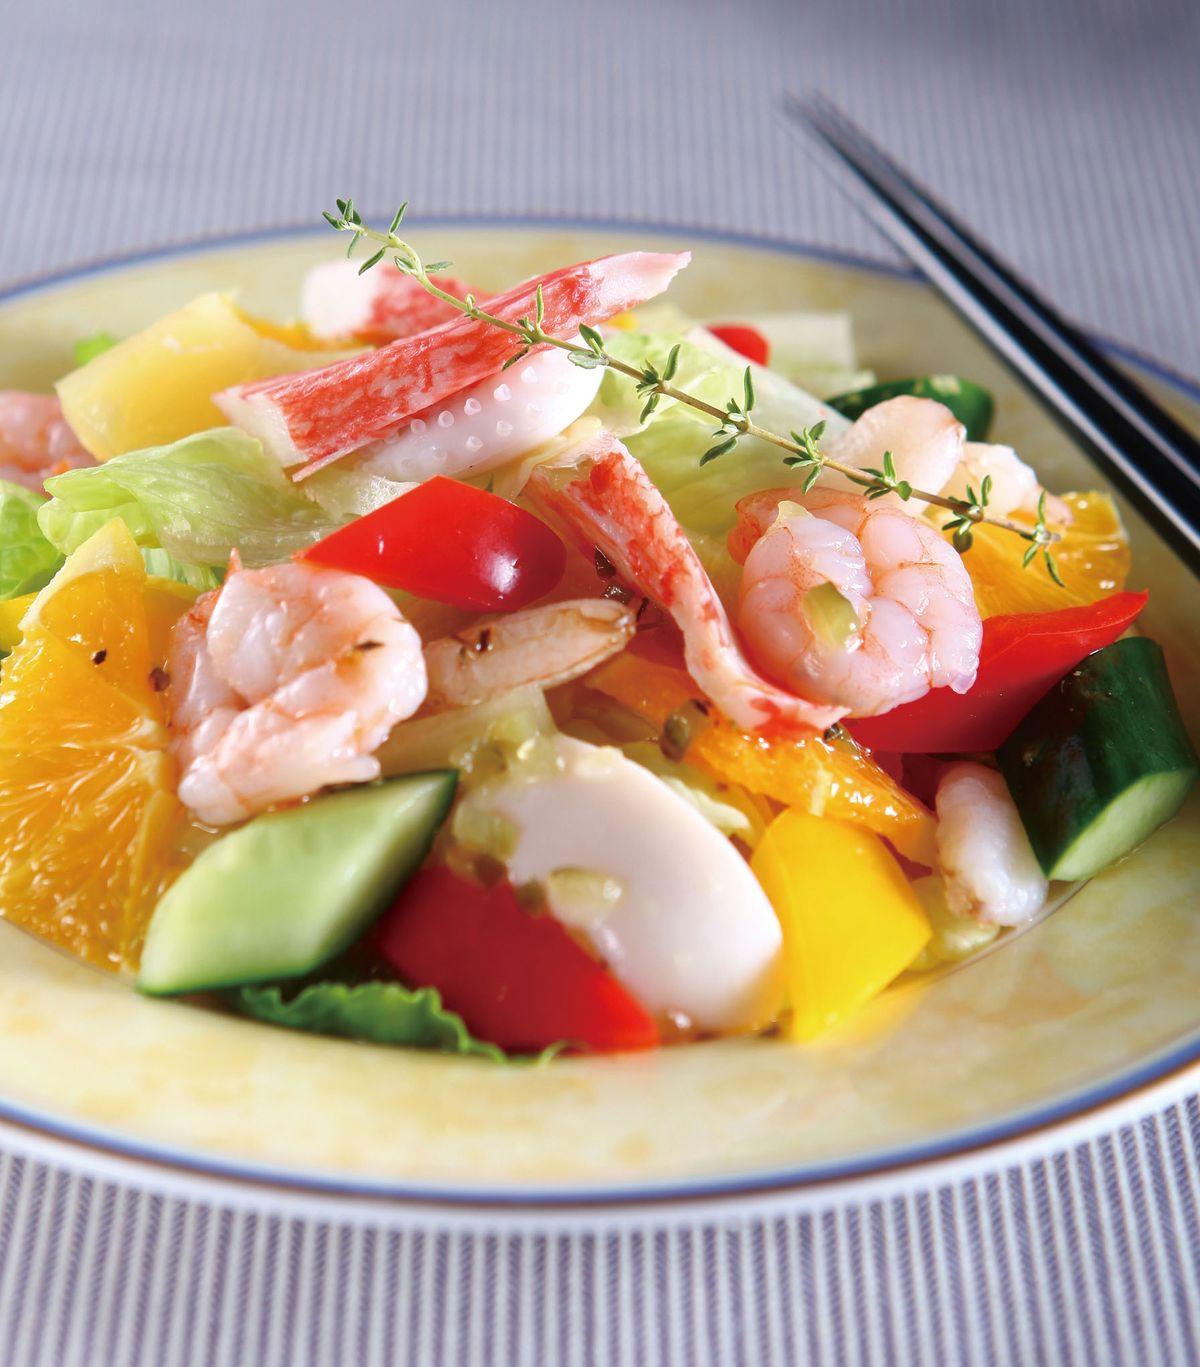 食譜:蔬果海鮮拌